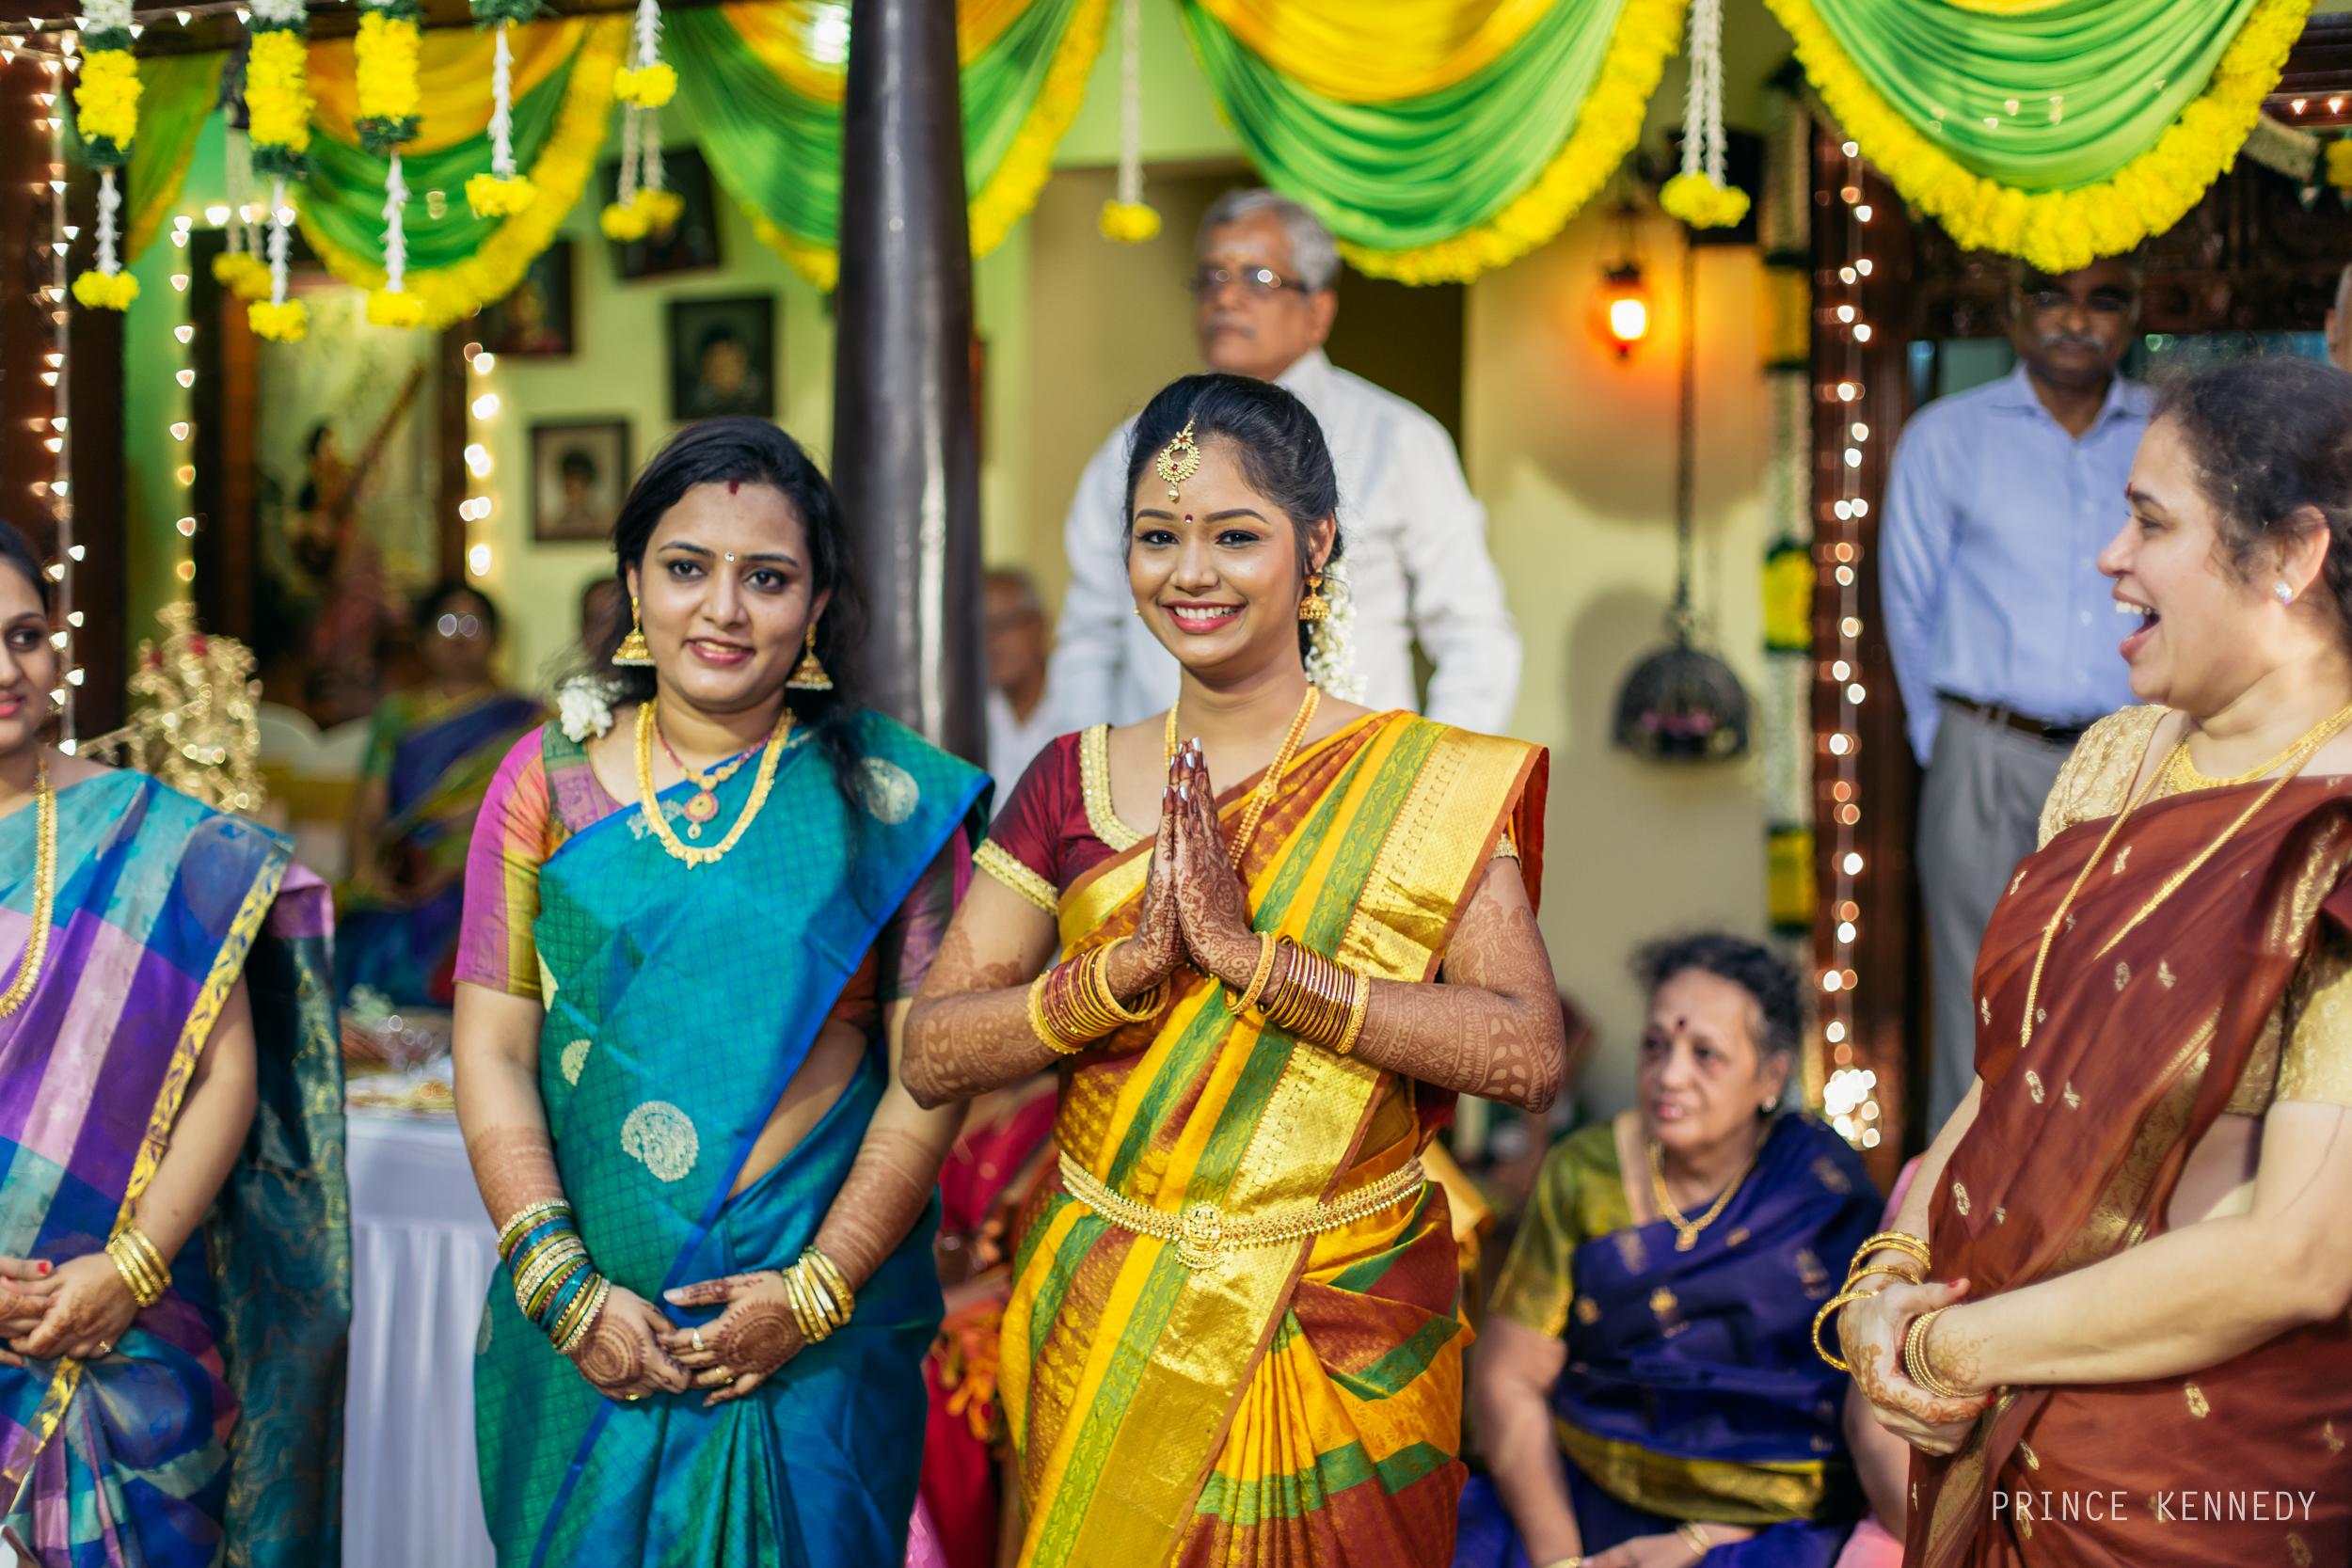 Engagement-Couple-Portrait-Portraiture-Wedding-Couple-Portrait-Chennai-Photographer-Candid-Photography-Destination-Best-Prince-Kennedy-Photography-148.jpg